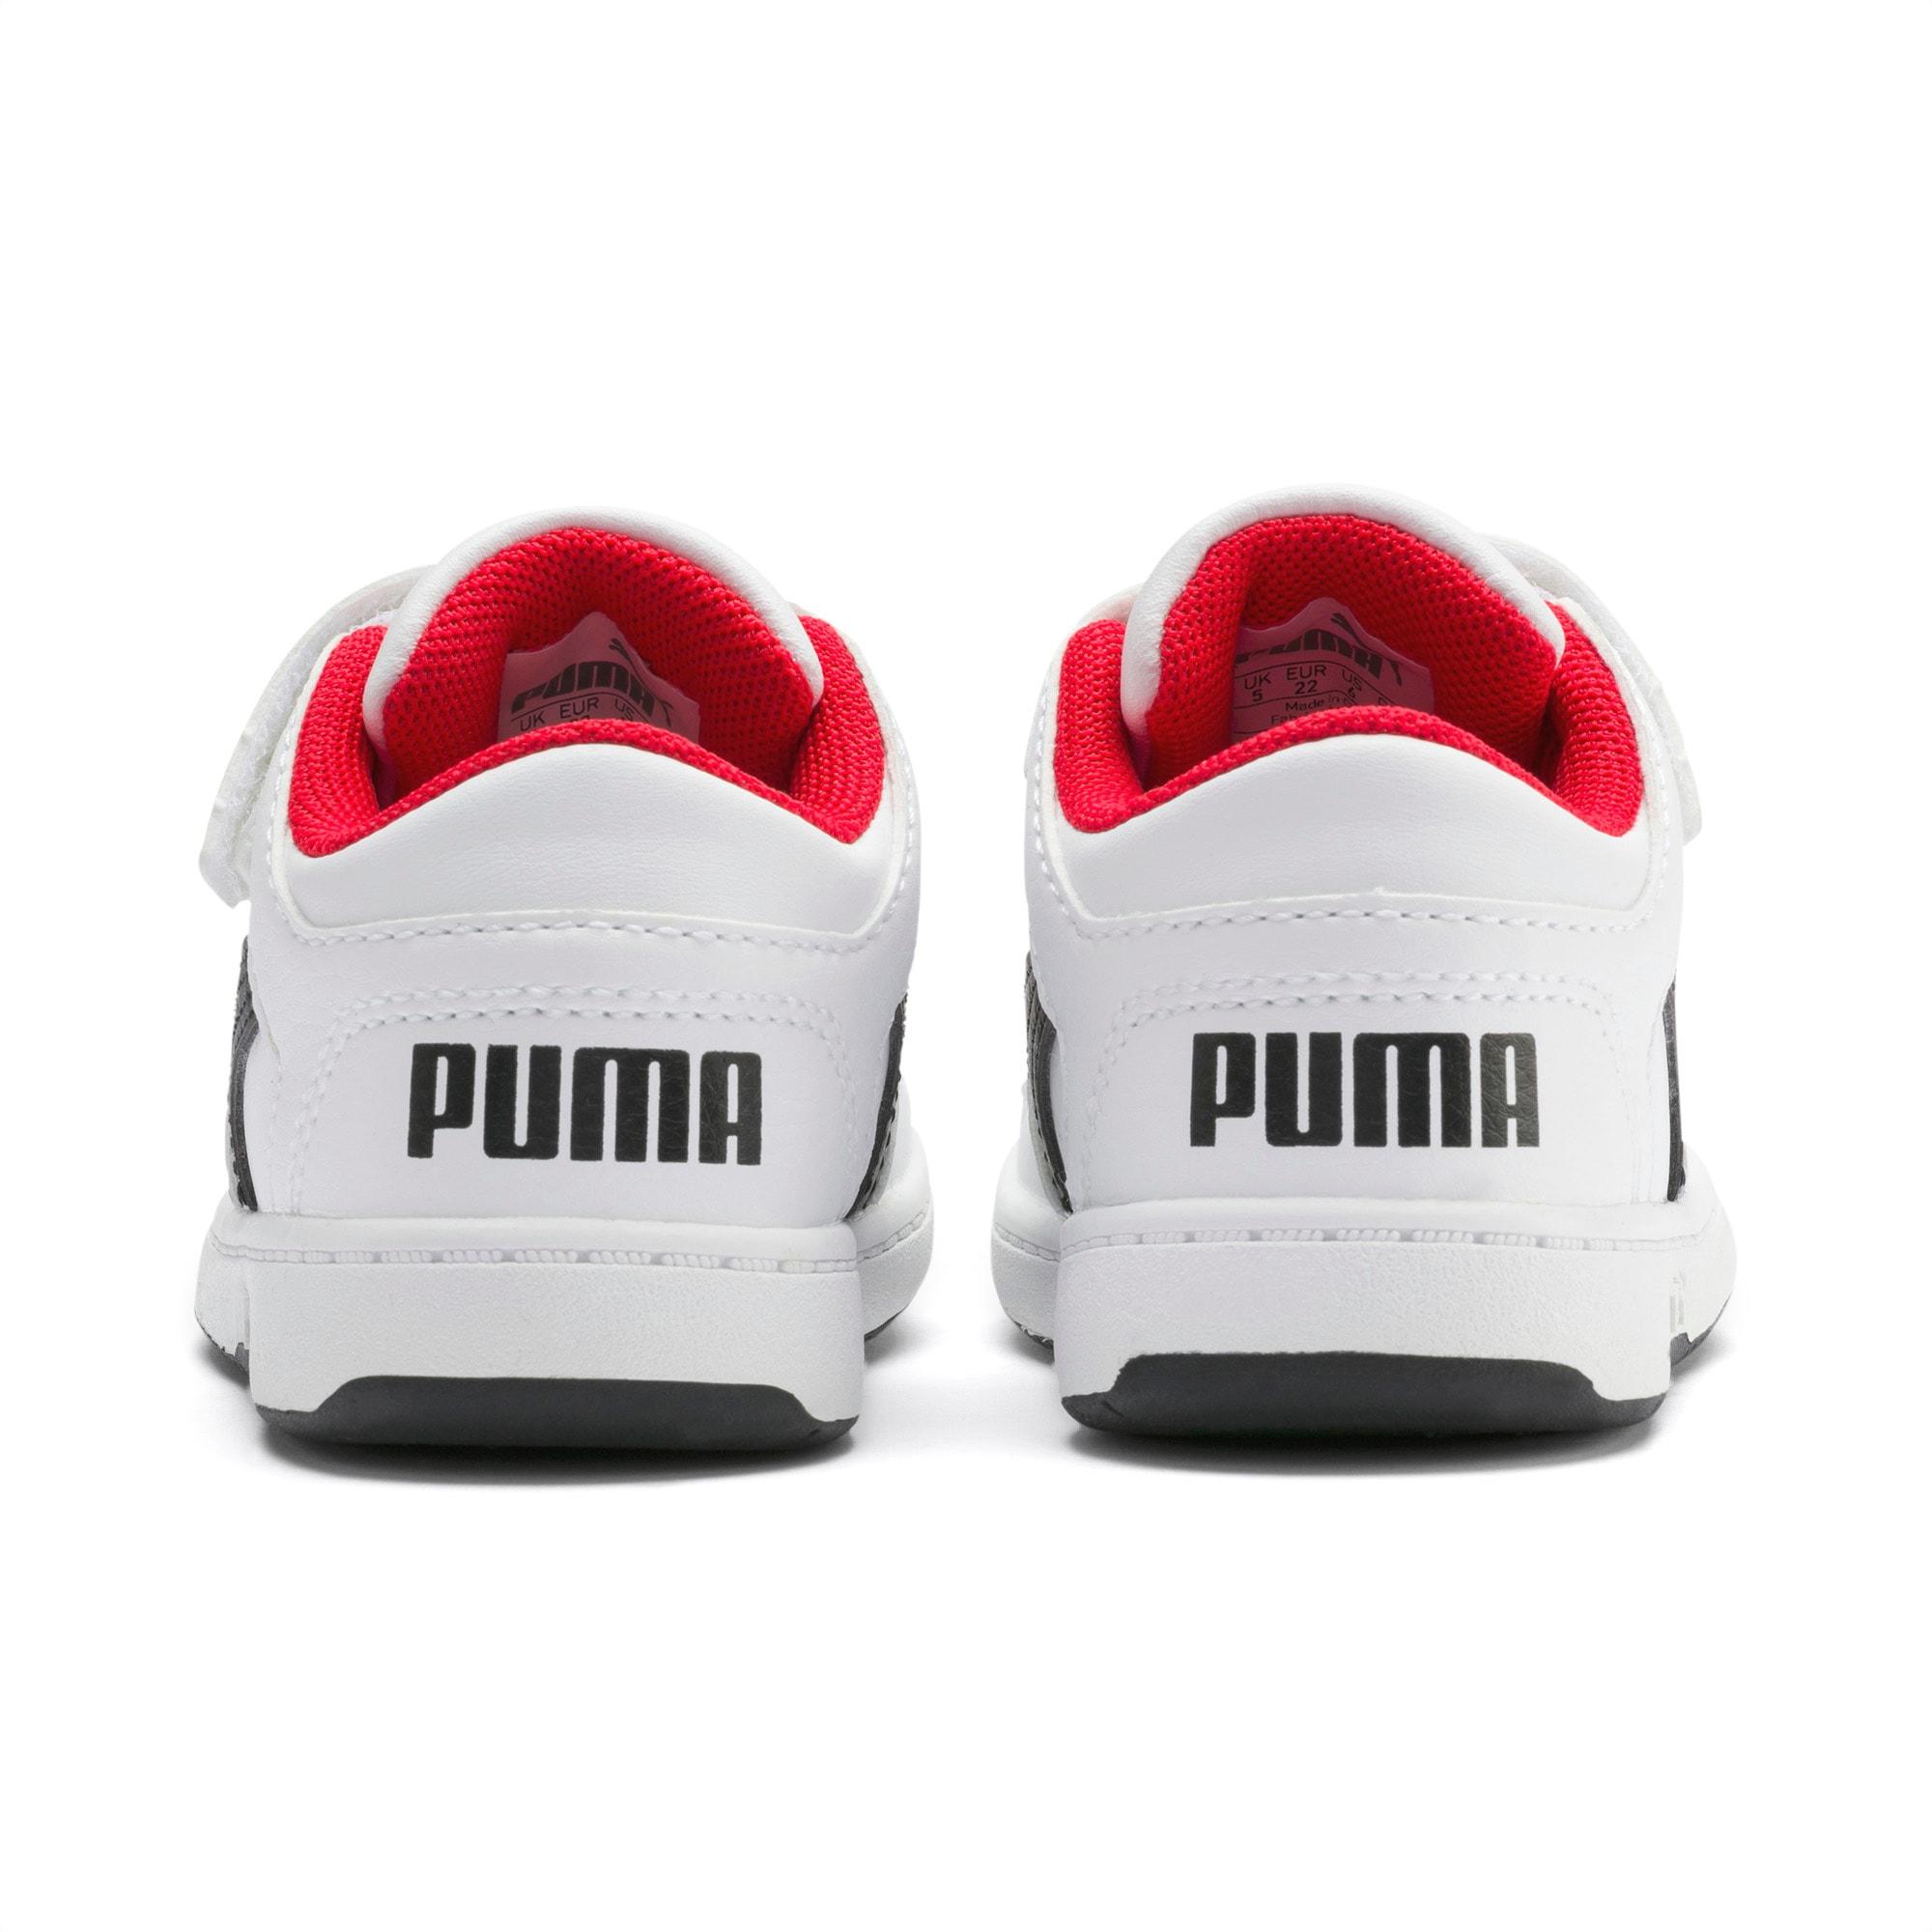 puma jl basket jr scarpe da ginnastica basse